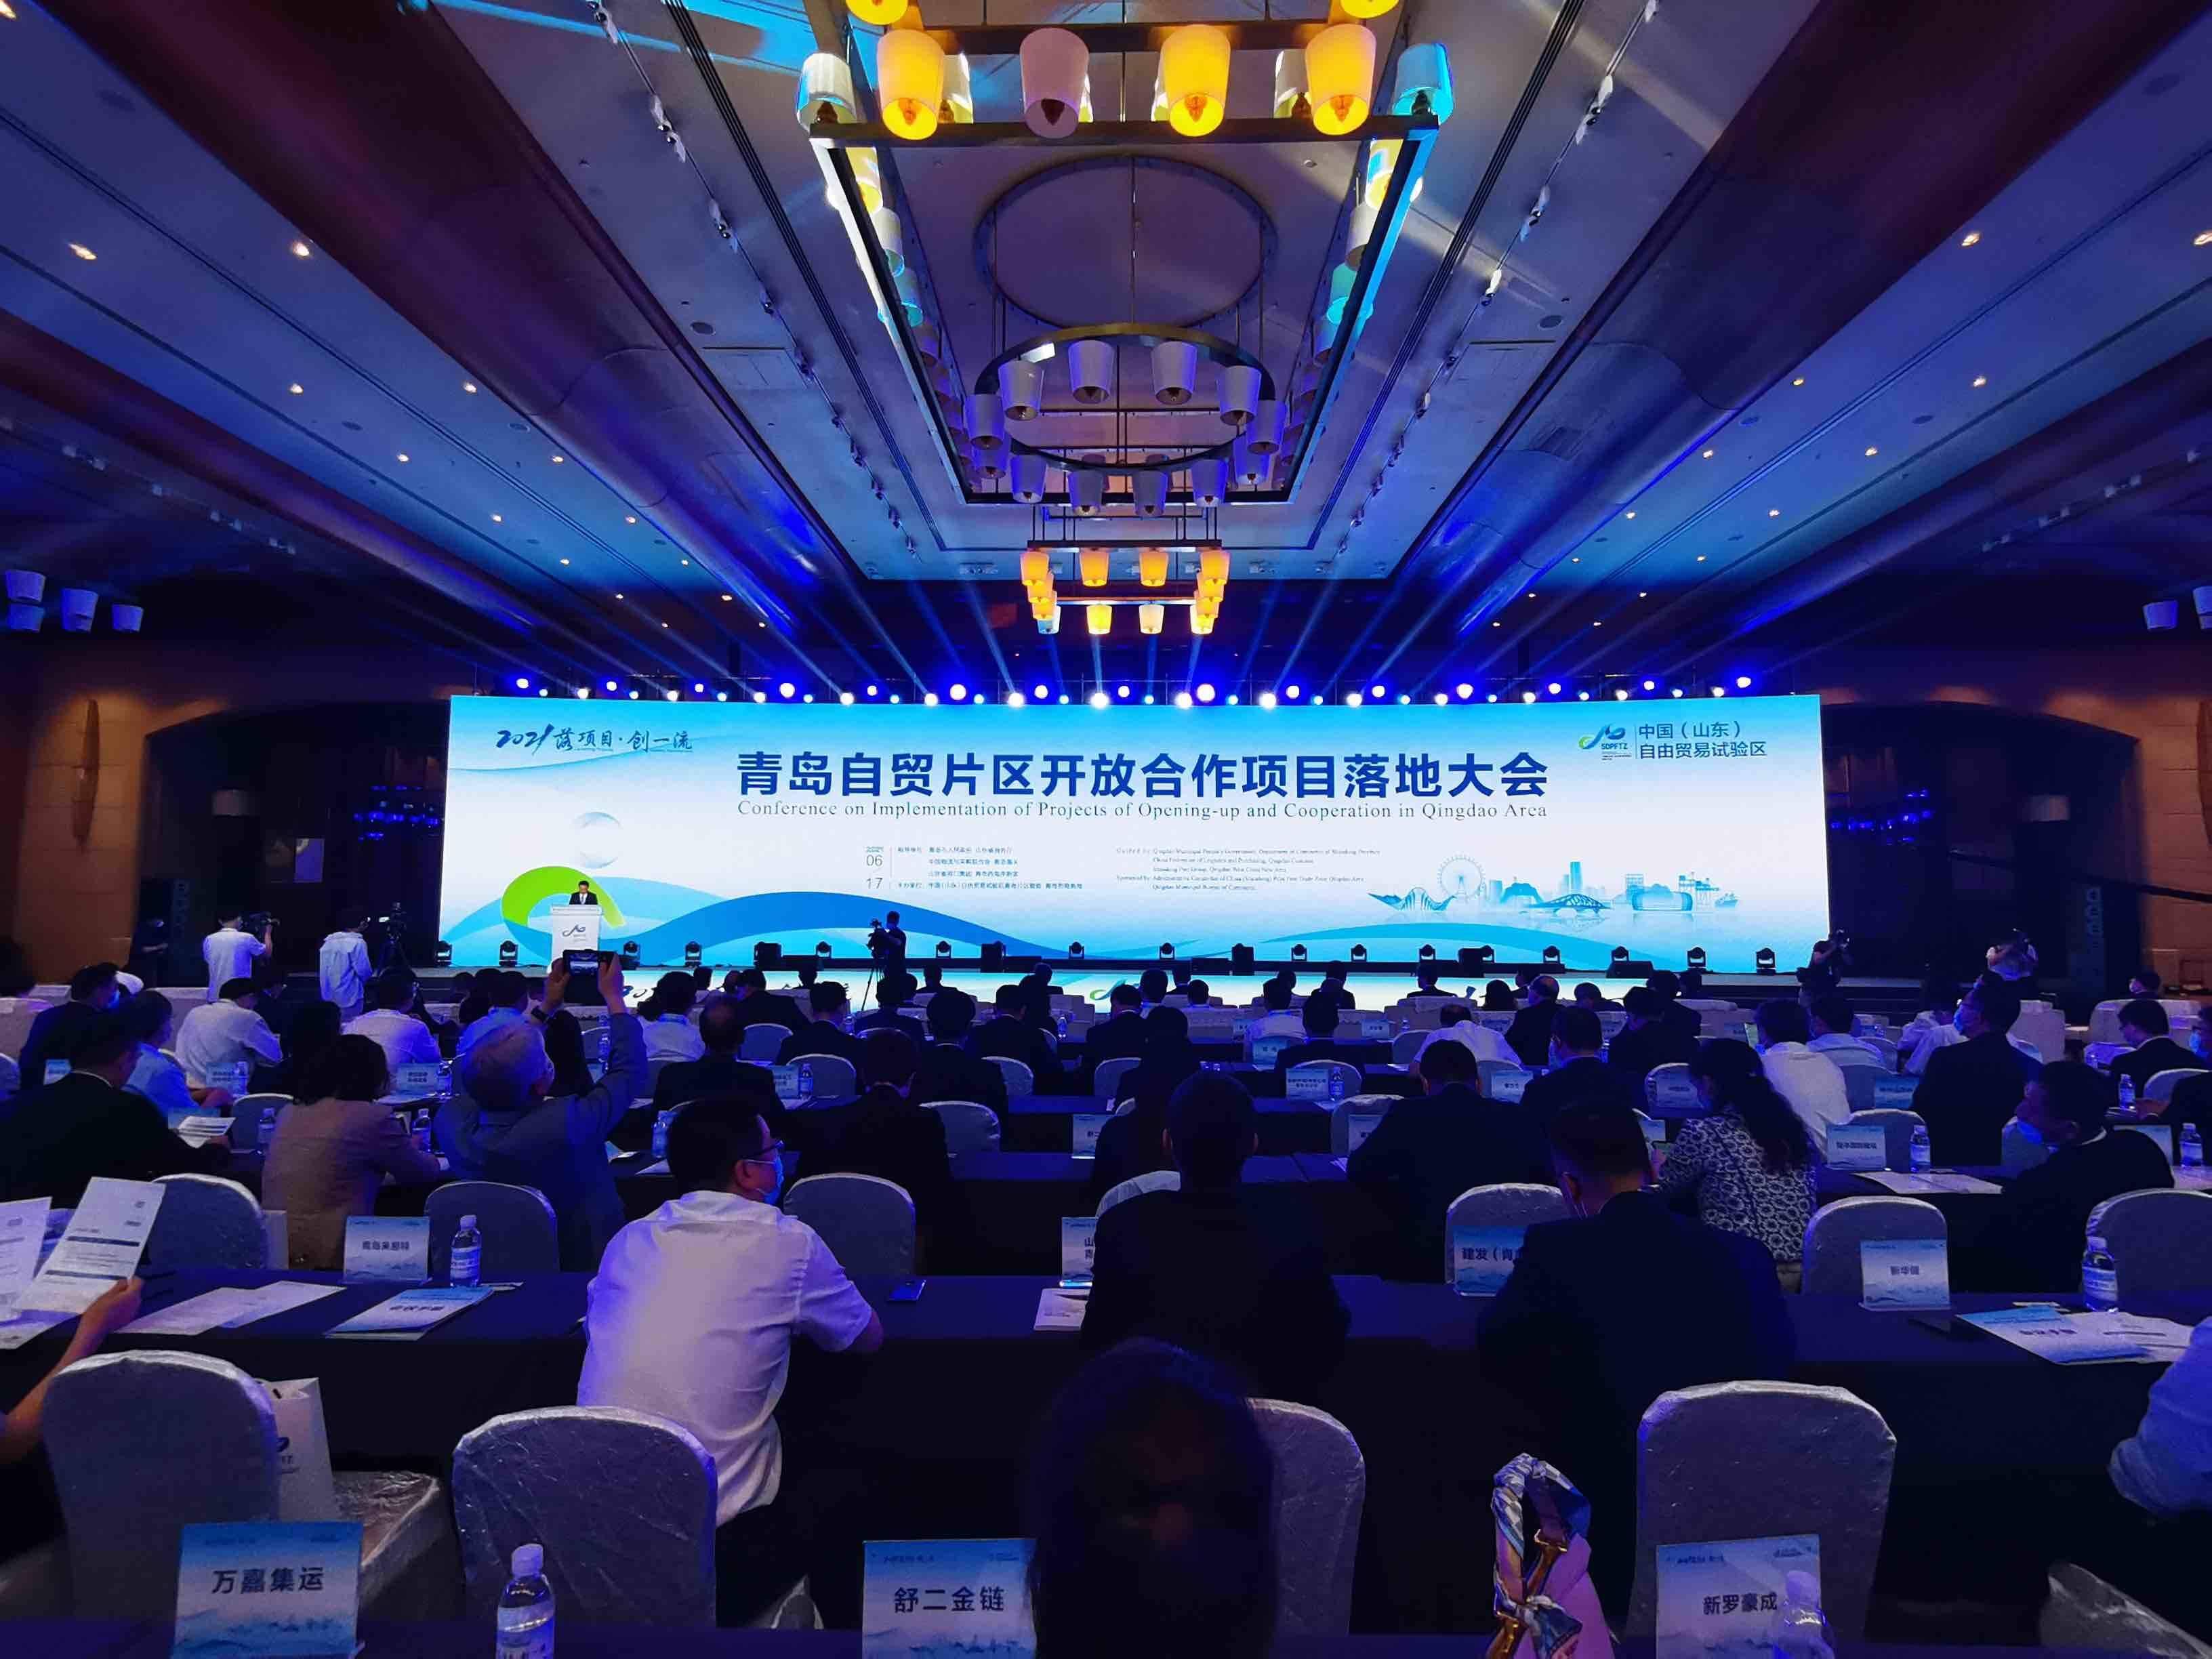 青岛自贸片区开放合作项目落地大会召开 48个重点项目落户青岛自贸片区